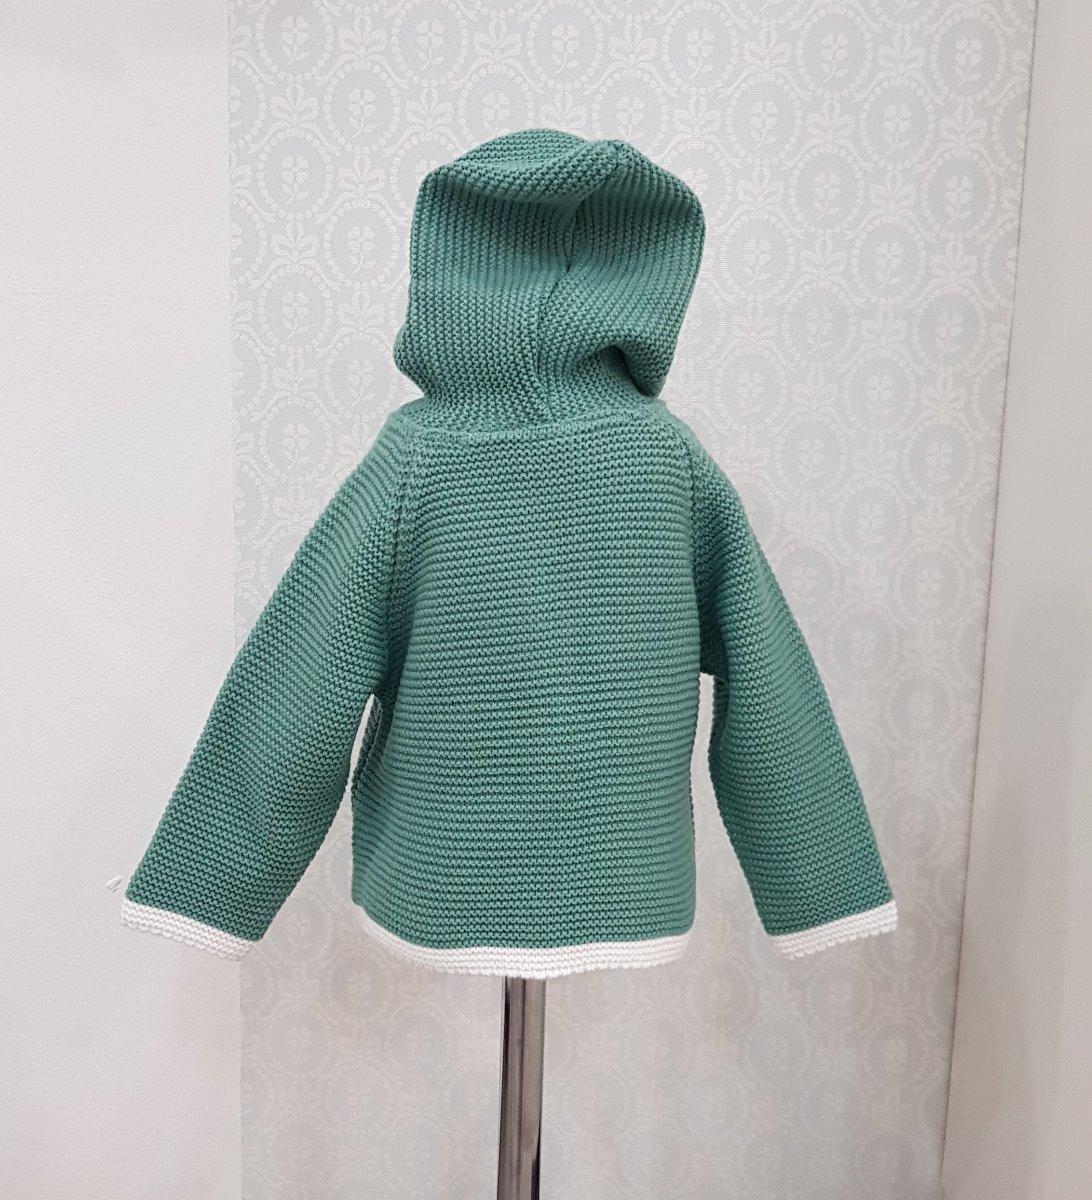 jacheta verde tricot